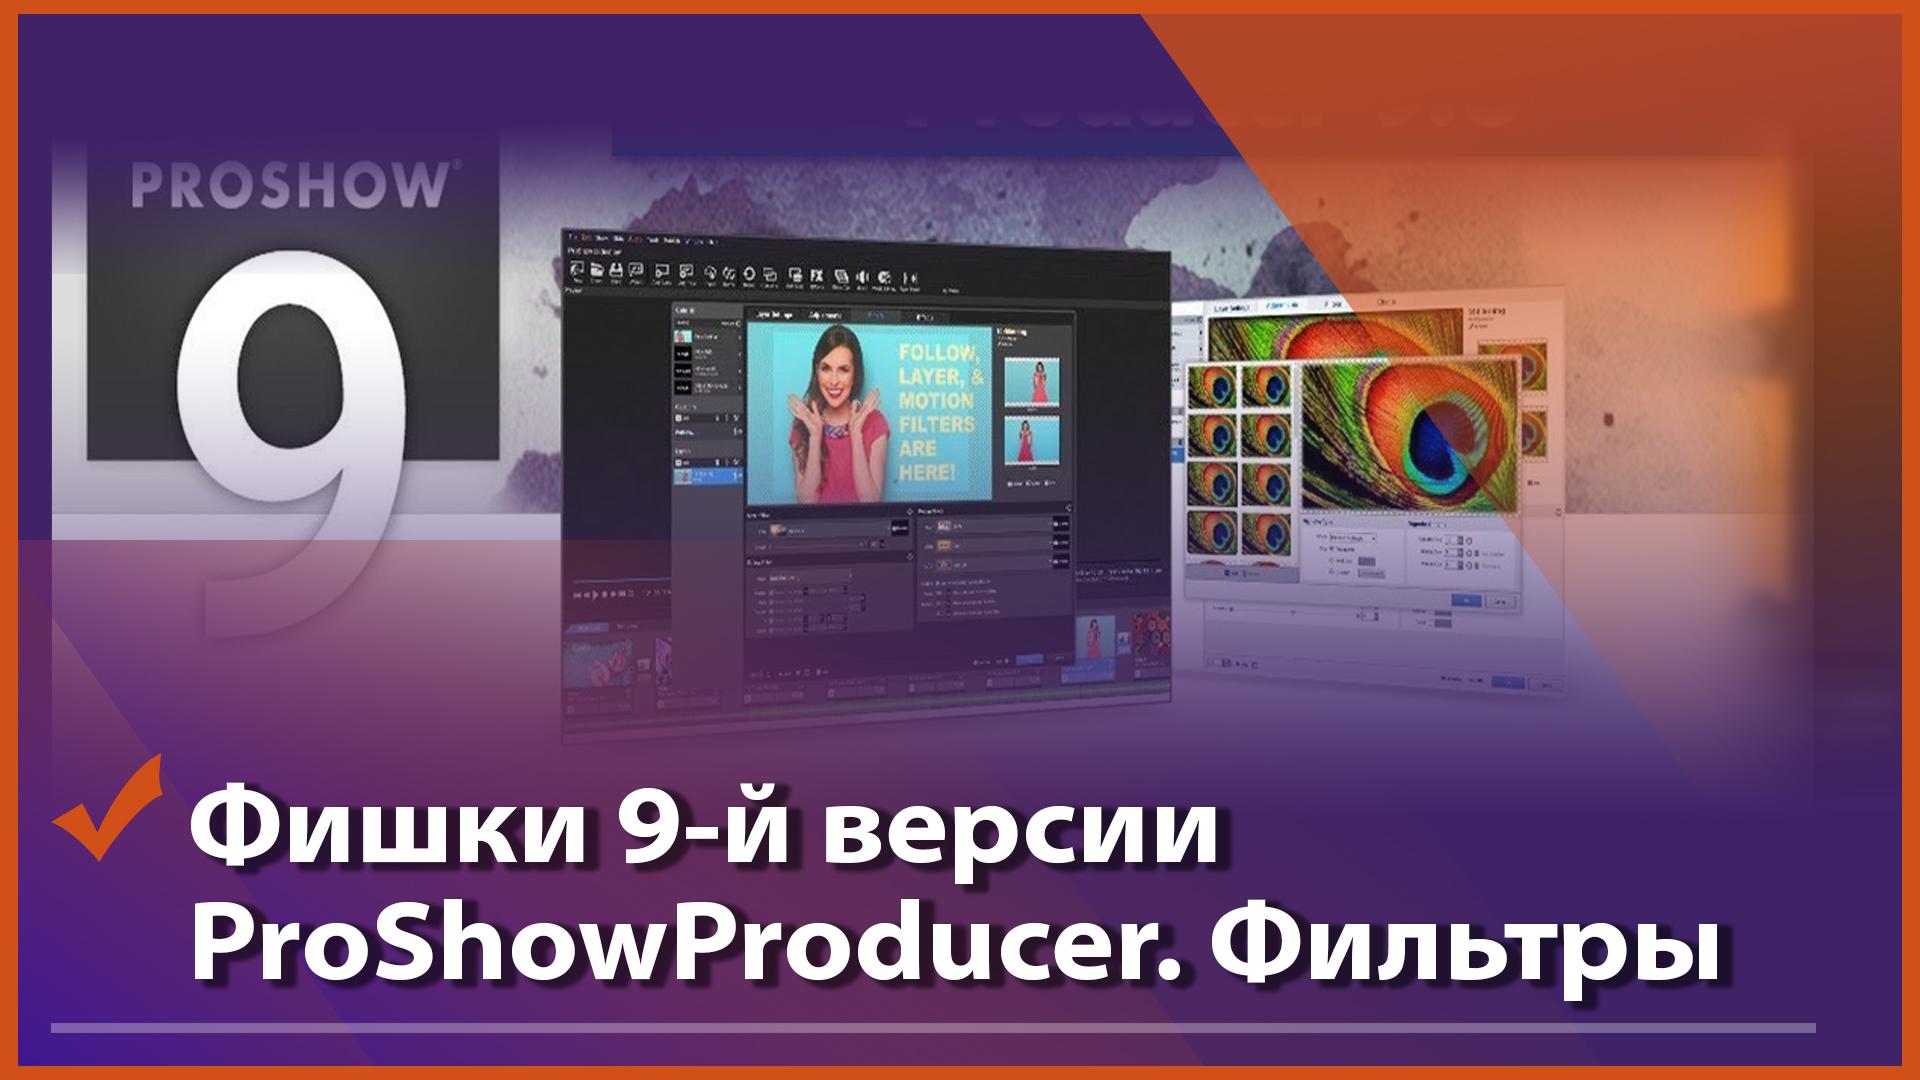 Фильтры в ProShowProducer-9